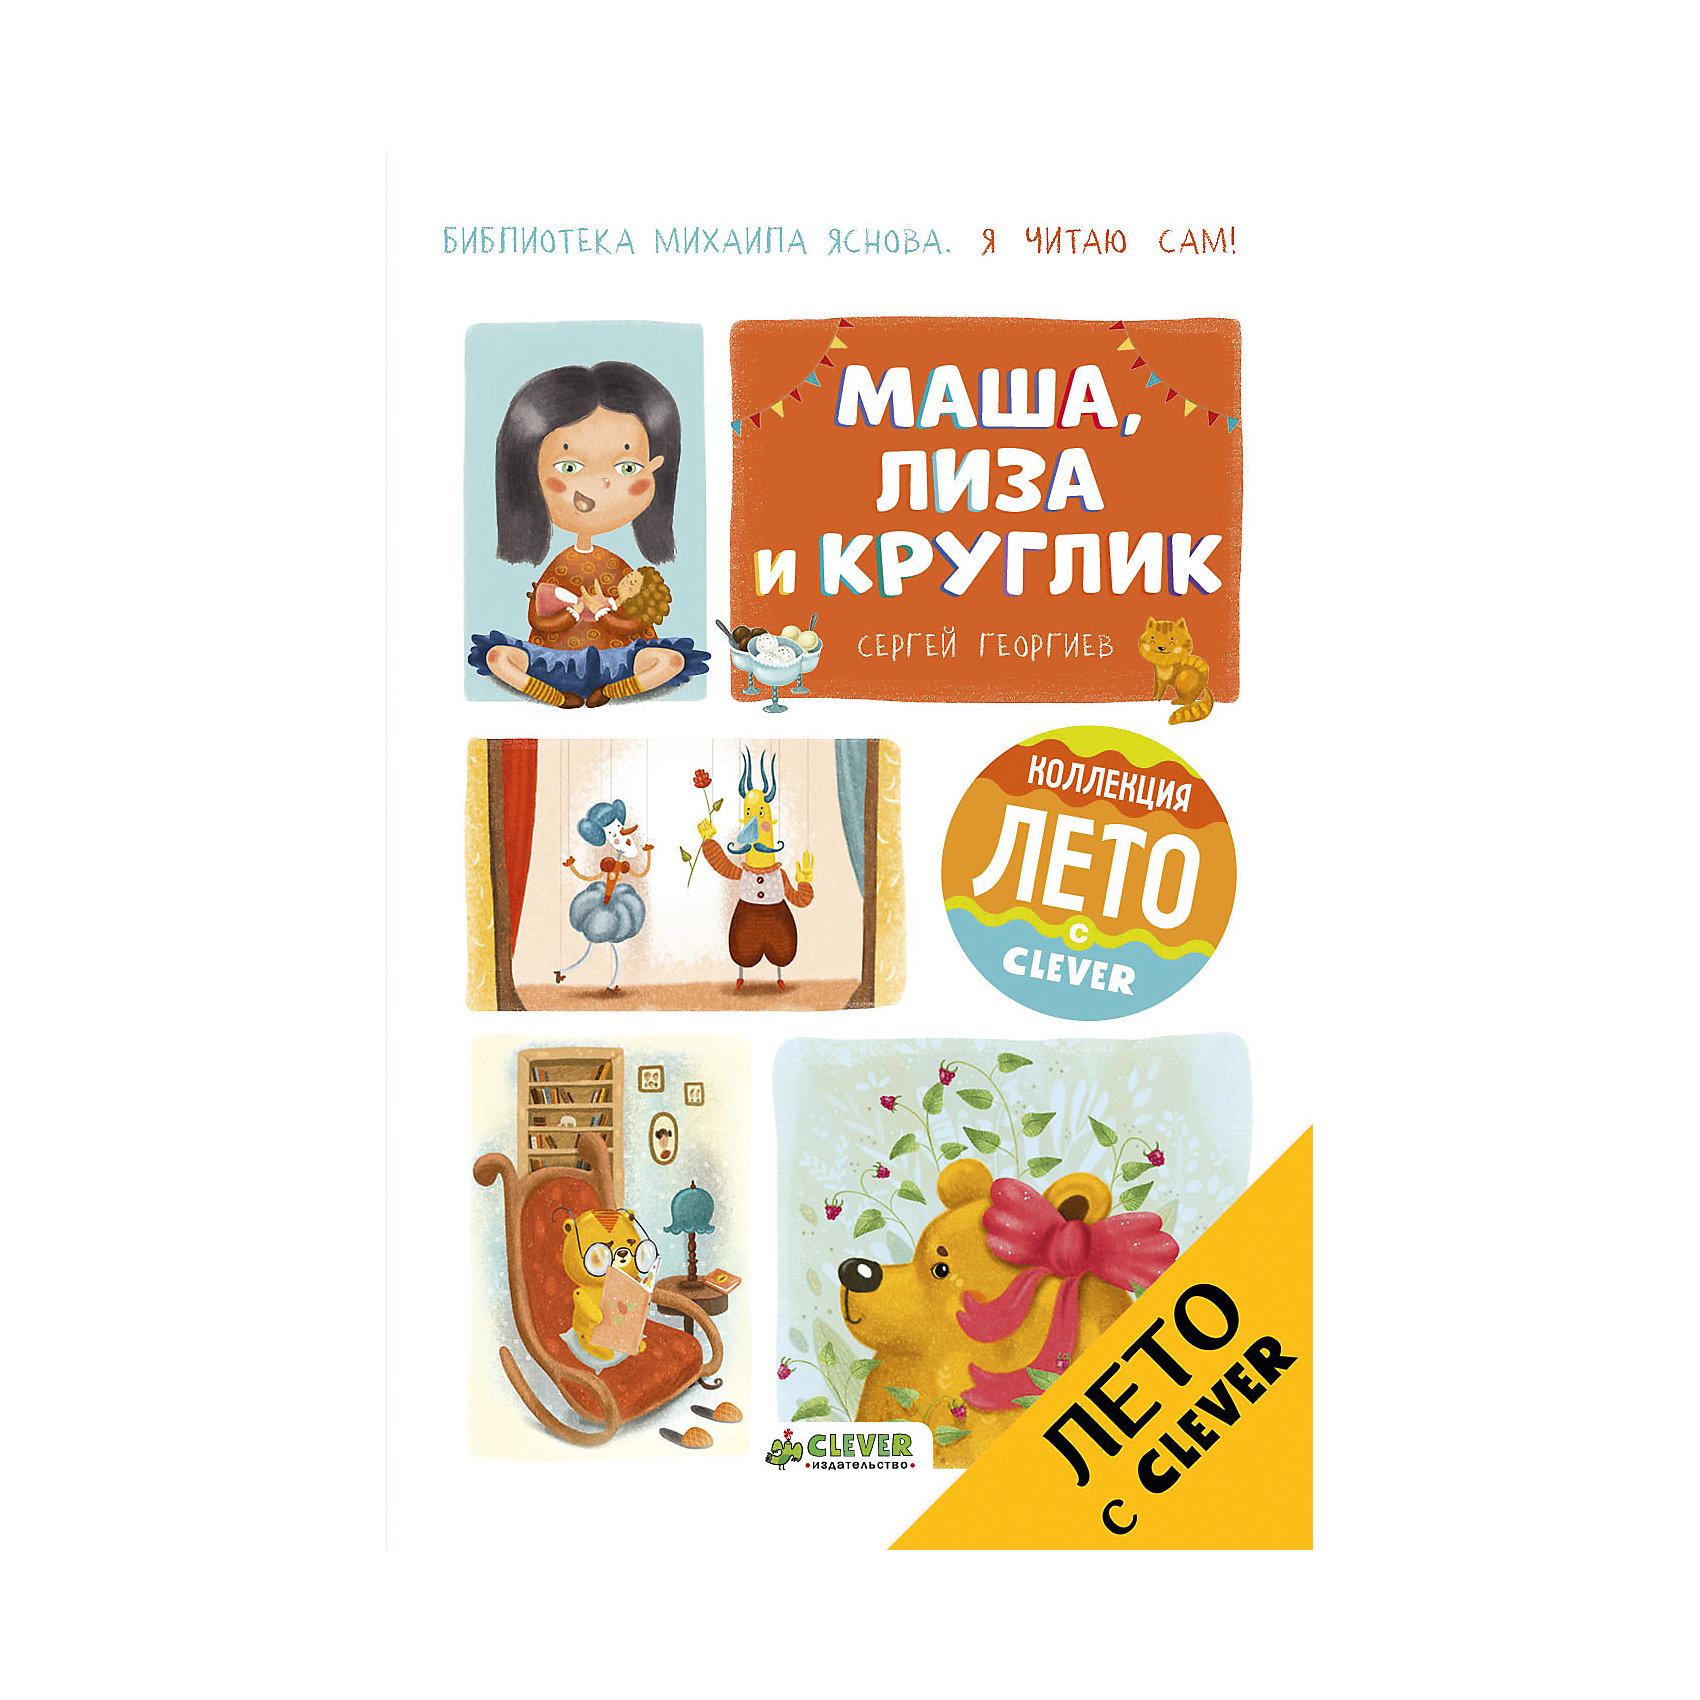 Книжка из серии Я читаю сам! Маша, Лиза и Круглик, Герогиев С., CleverДетская психология и здоровье<br>Характеристики товара:<br><br>• ISBN: 9785906929884;<br>• возраст: от 4 лет;<br>• формат: 70х100/16;<br>• бумага: офсет;<br>• тип обложки: 7Б - твердая (плотная бумага или картон), частично лакирована;<br>• иллюстрации: цветные;<br>• серия: Библиотека Михаила Яснова. Я читаю сам;<br>• коллекция: Лето;<br>• издательство: Клевер Медиа Групп, 2017 г.;<br>• автор: Георгиев Сергей Георгиевич;<br>• художник: Бахчина А.;<br>• количество страниц: 48;<br>• размеры: 23,5х15,5х0,7 см;<br>• масса: 280 г.<br><br>Книга «Я читаю сам! Маша, Лиза и Круглик» подходит для мальчиков и девочек от 4 лет. Небольшие увлекательные рассказы о подружках Маше, Лизе и медведе Круглике понравятся малышам. <br><br>Крупный шрифт удобен для обучения чтению. В книге есть красочные иллюстрации. Рекомендация Михаила Яснова - это знак качества для книжки.<br><br>Книгу «Я читаю сам! Маша, Лиза и Круглик», Клевер Медиа Групп, Георгиев С.Г. можно купить в нашем интернет-магазине.<br><br>Ширина мм: 230<br>Глубина мм: 150<br>Высота мм: 100<br>Вес г: 320<br>Возраст от месяцев: 84<br>Возраст до месяцев: 132<br>Пол: Унисекс<br>Возраст: Детский<br>SKU: 6709184